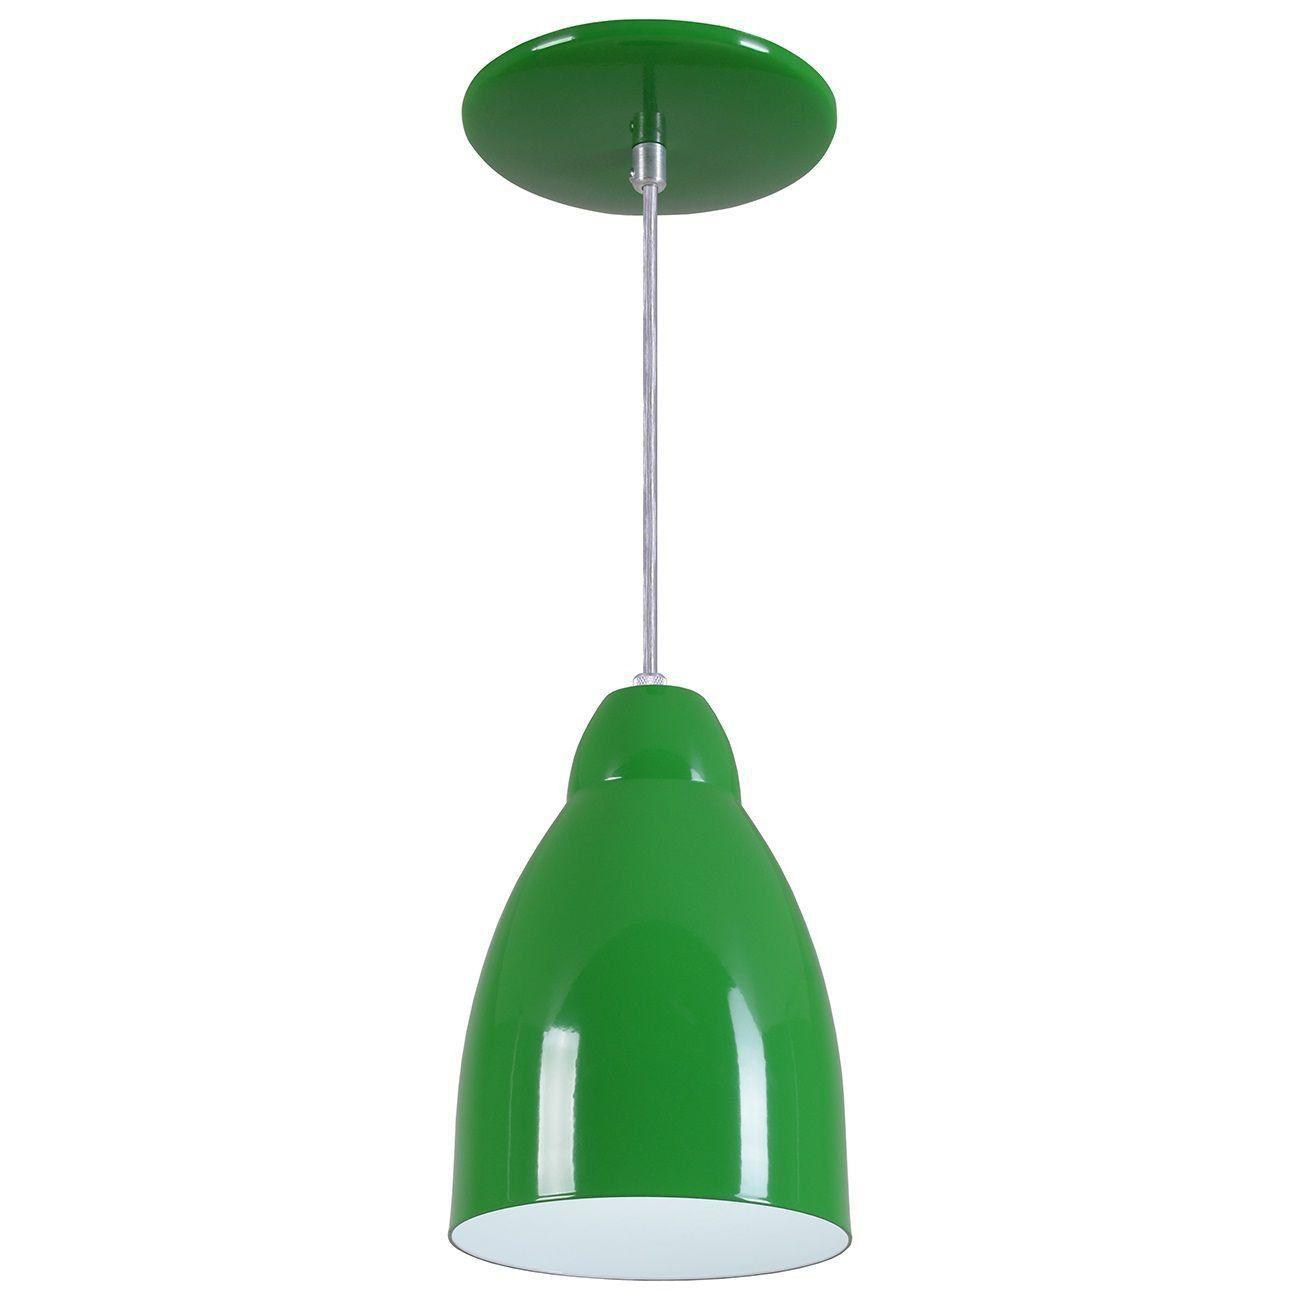 Pendente Bala Luminária Lustre Alumínio Verde - Rei Da Iluminação